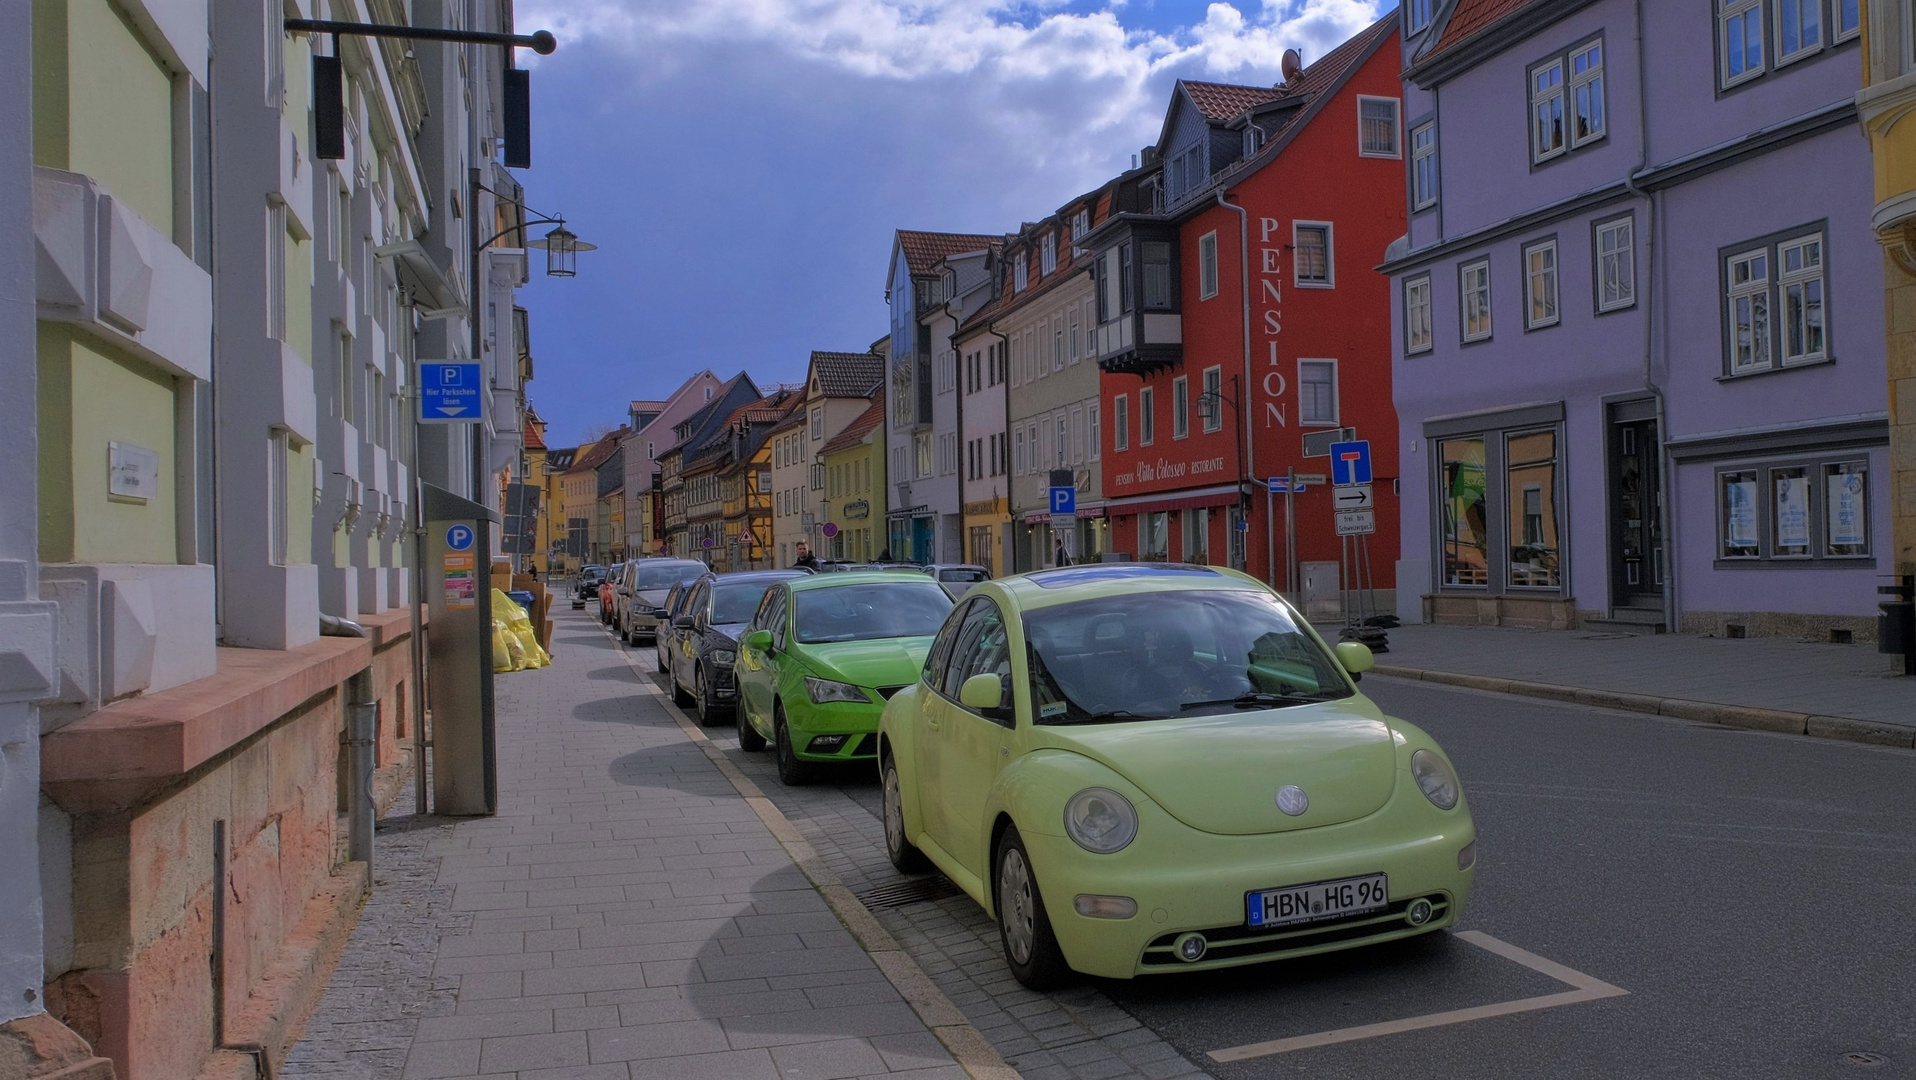 Straße in Meiningen (calle en Meiningen)